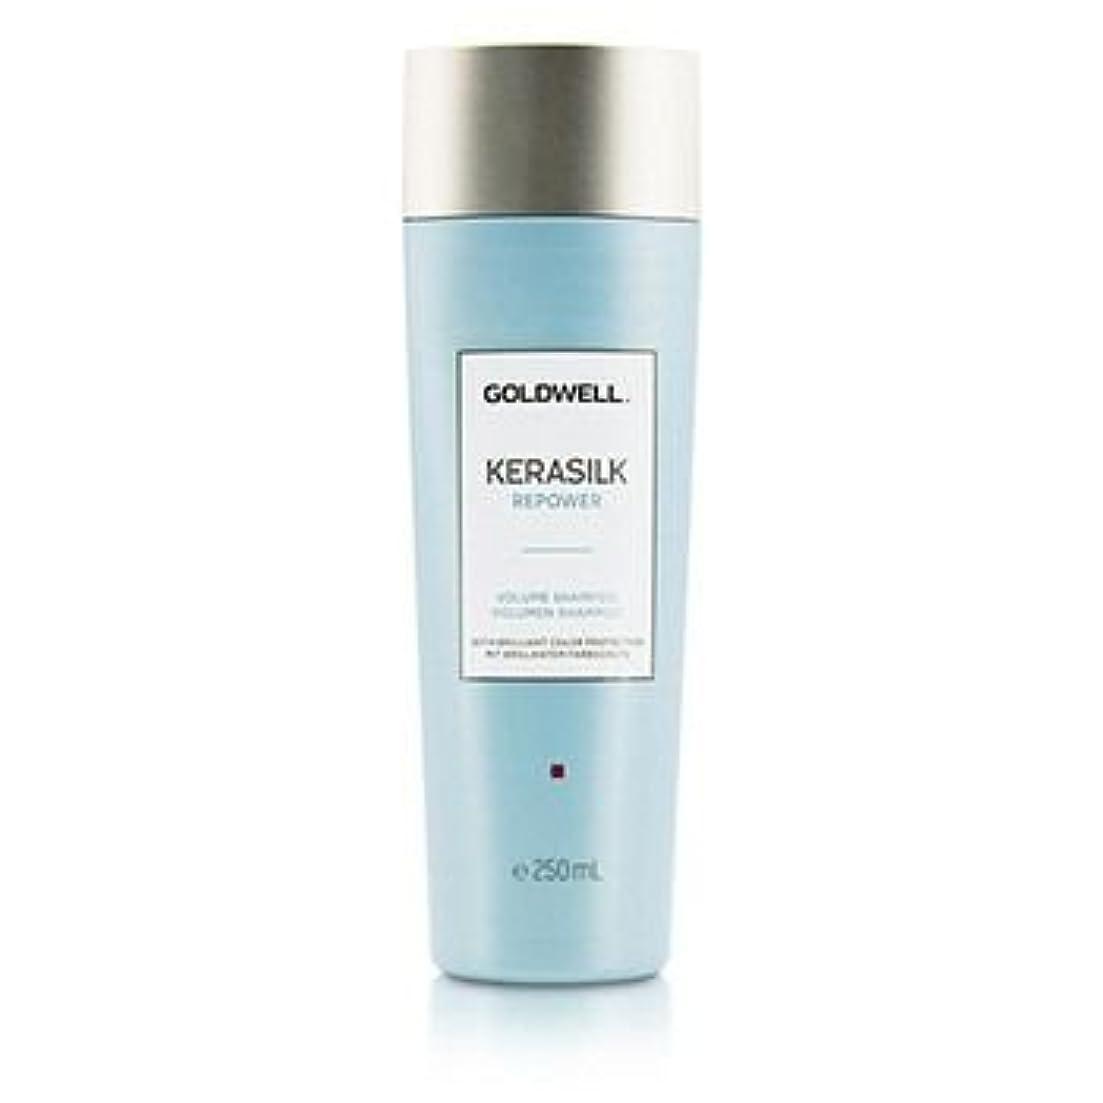 住人パンツオーナメント[Goldwell] Kerasilk Repower Volume Shampoo (For Fine Limp Hair) 250ml/8.4oz